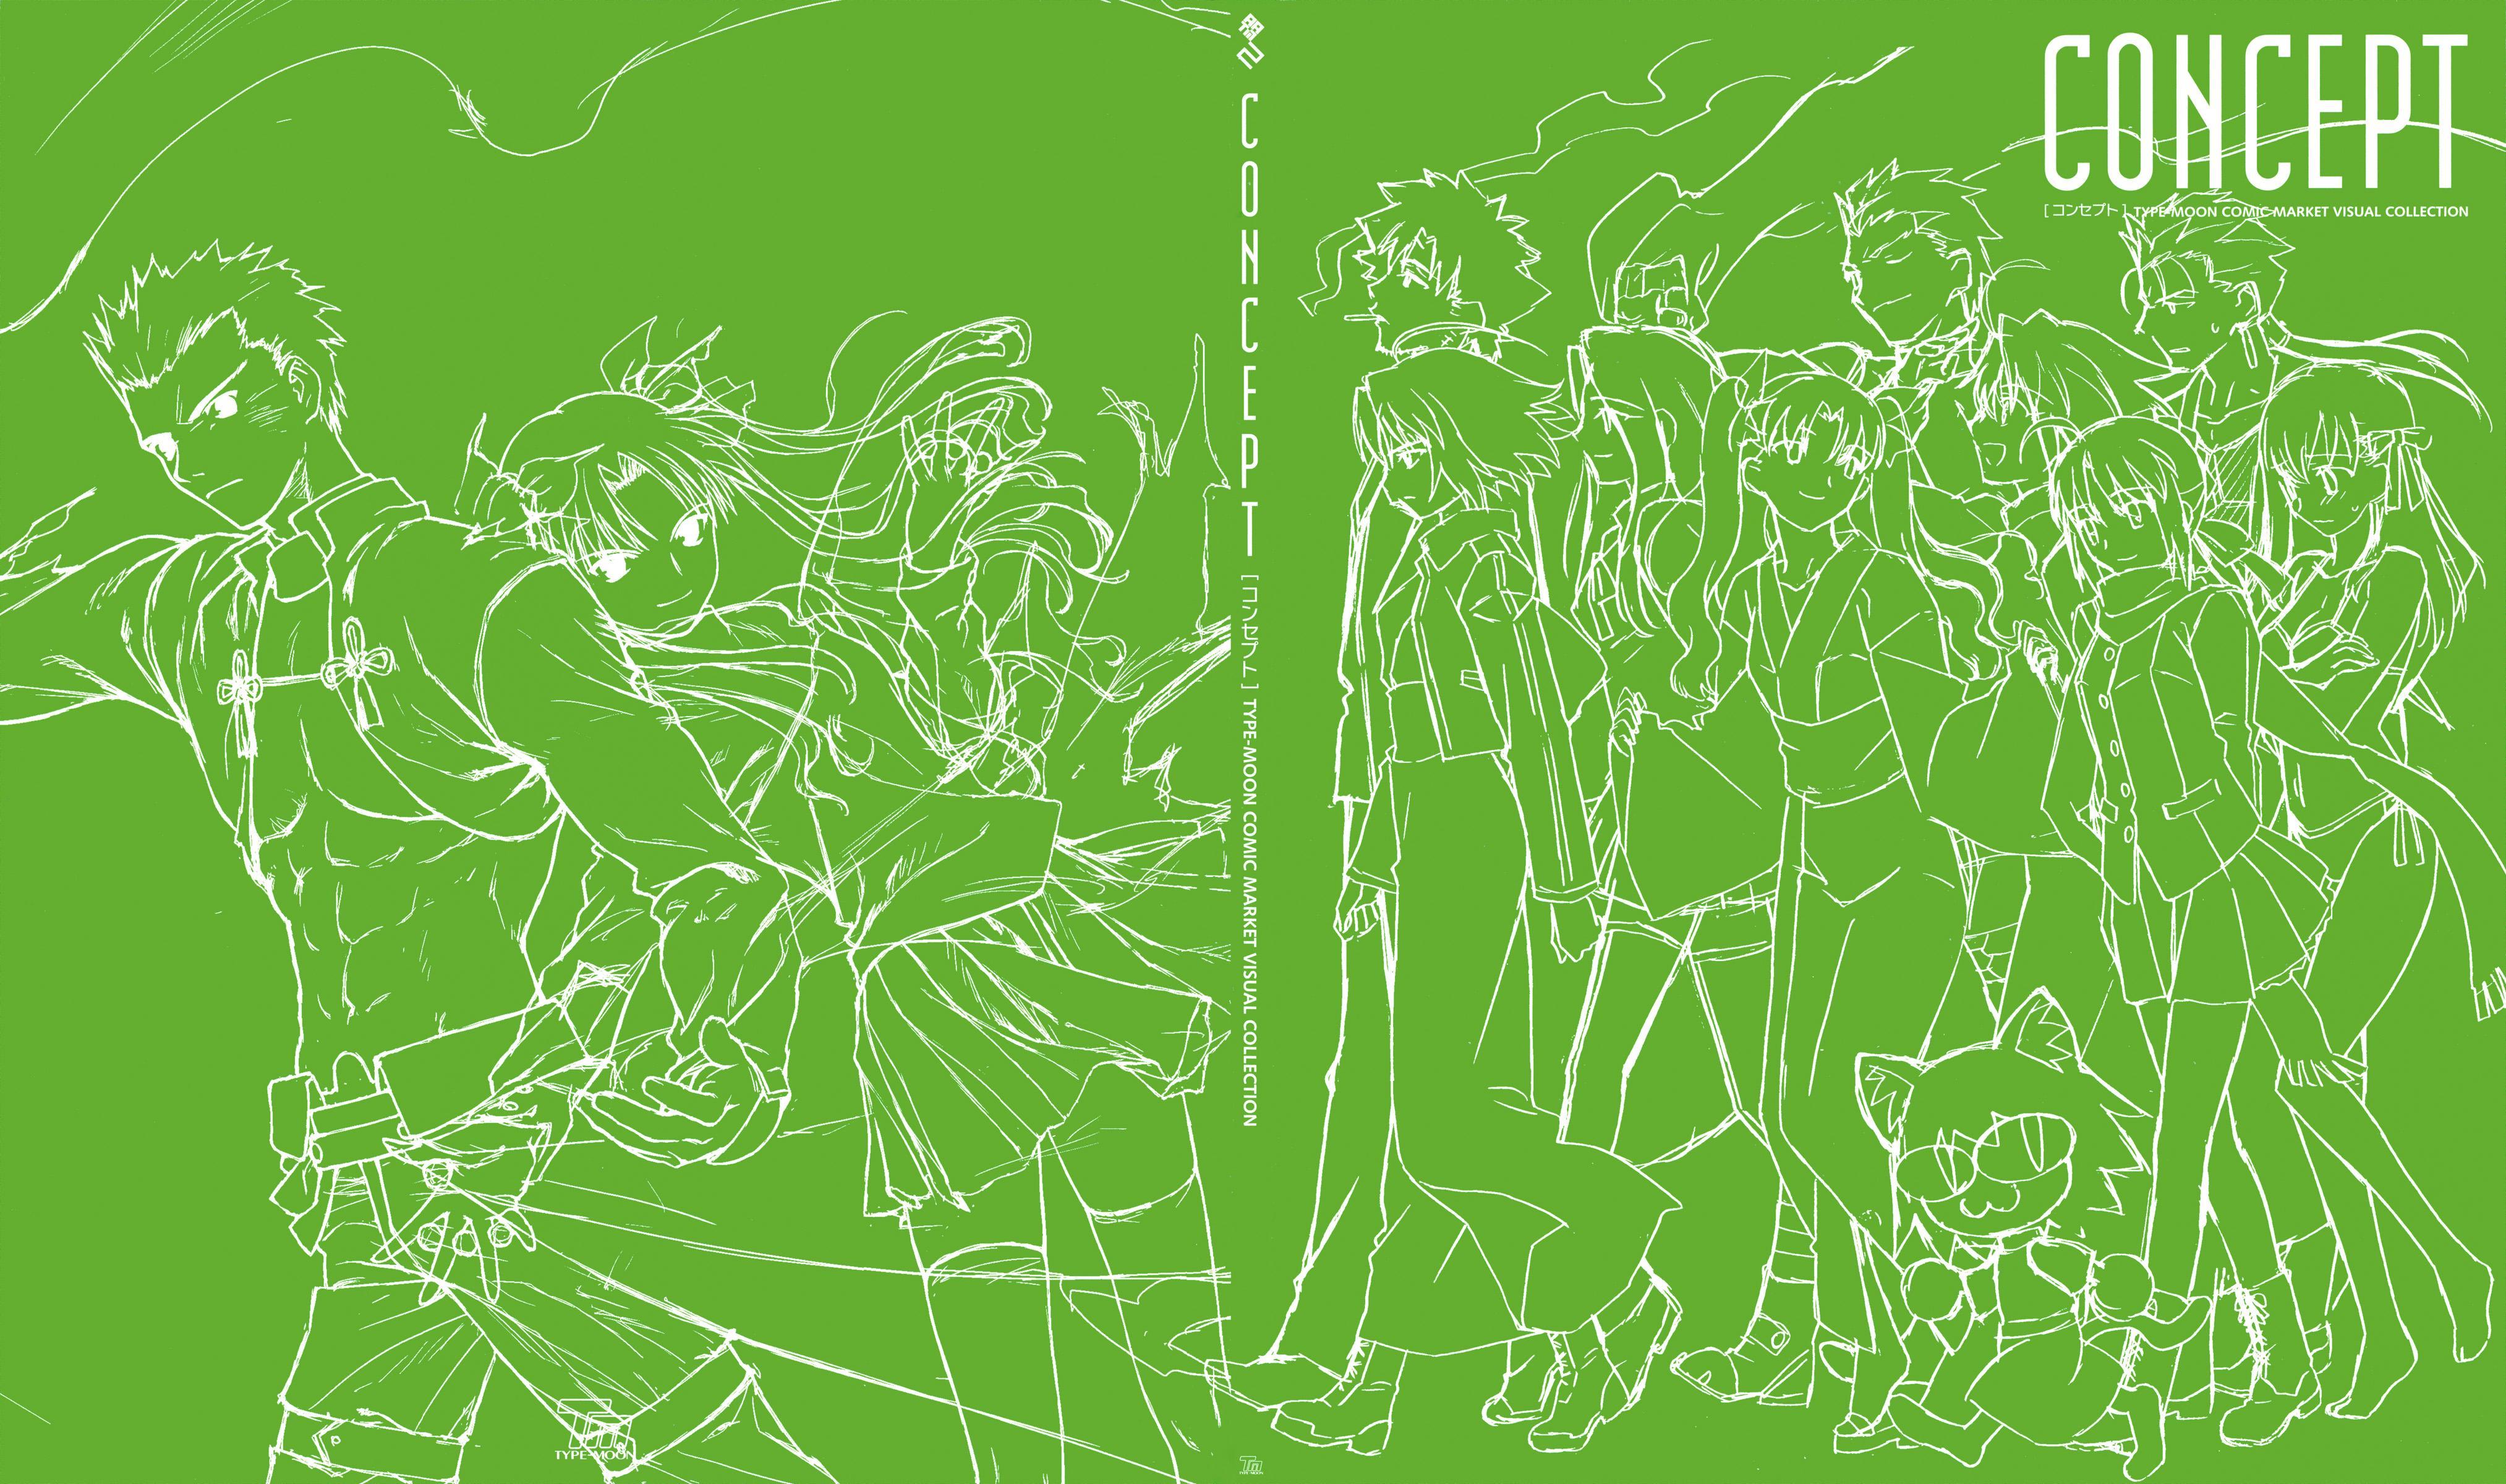 竹简卷轴边框_竹简卷轴矢量图_古代竹简卷轴矢量素材